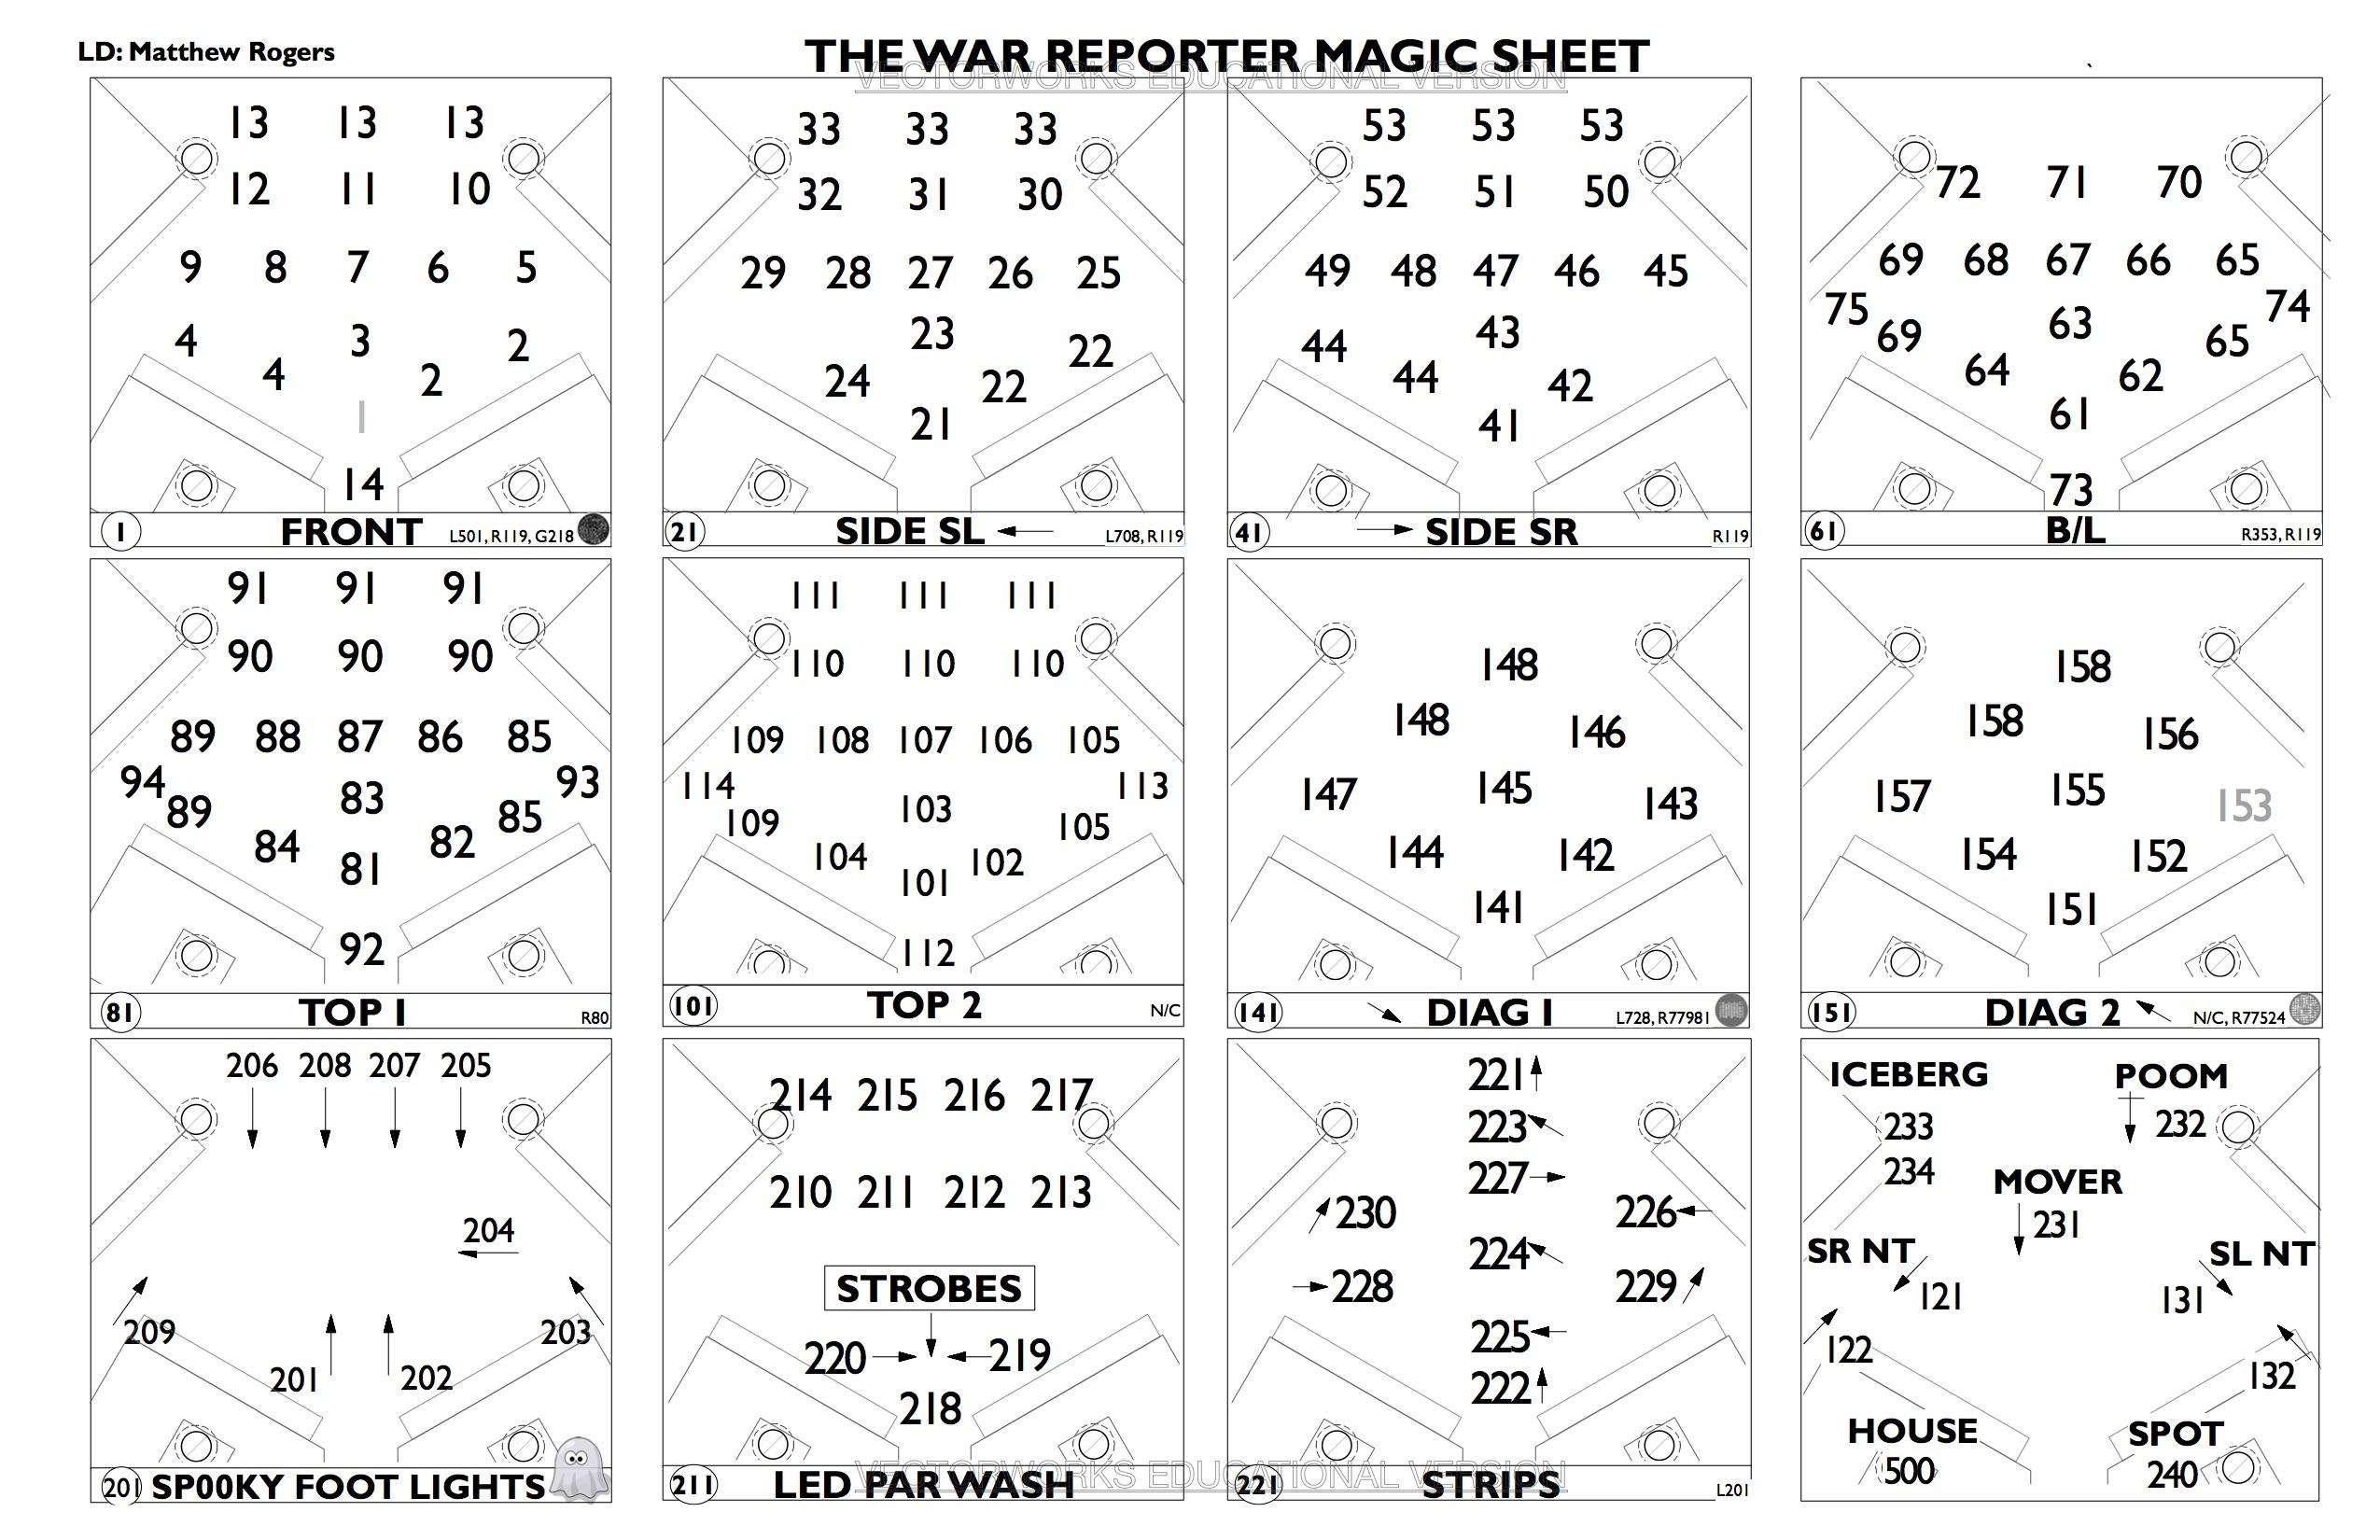 HMS TWR Magic Sheet